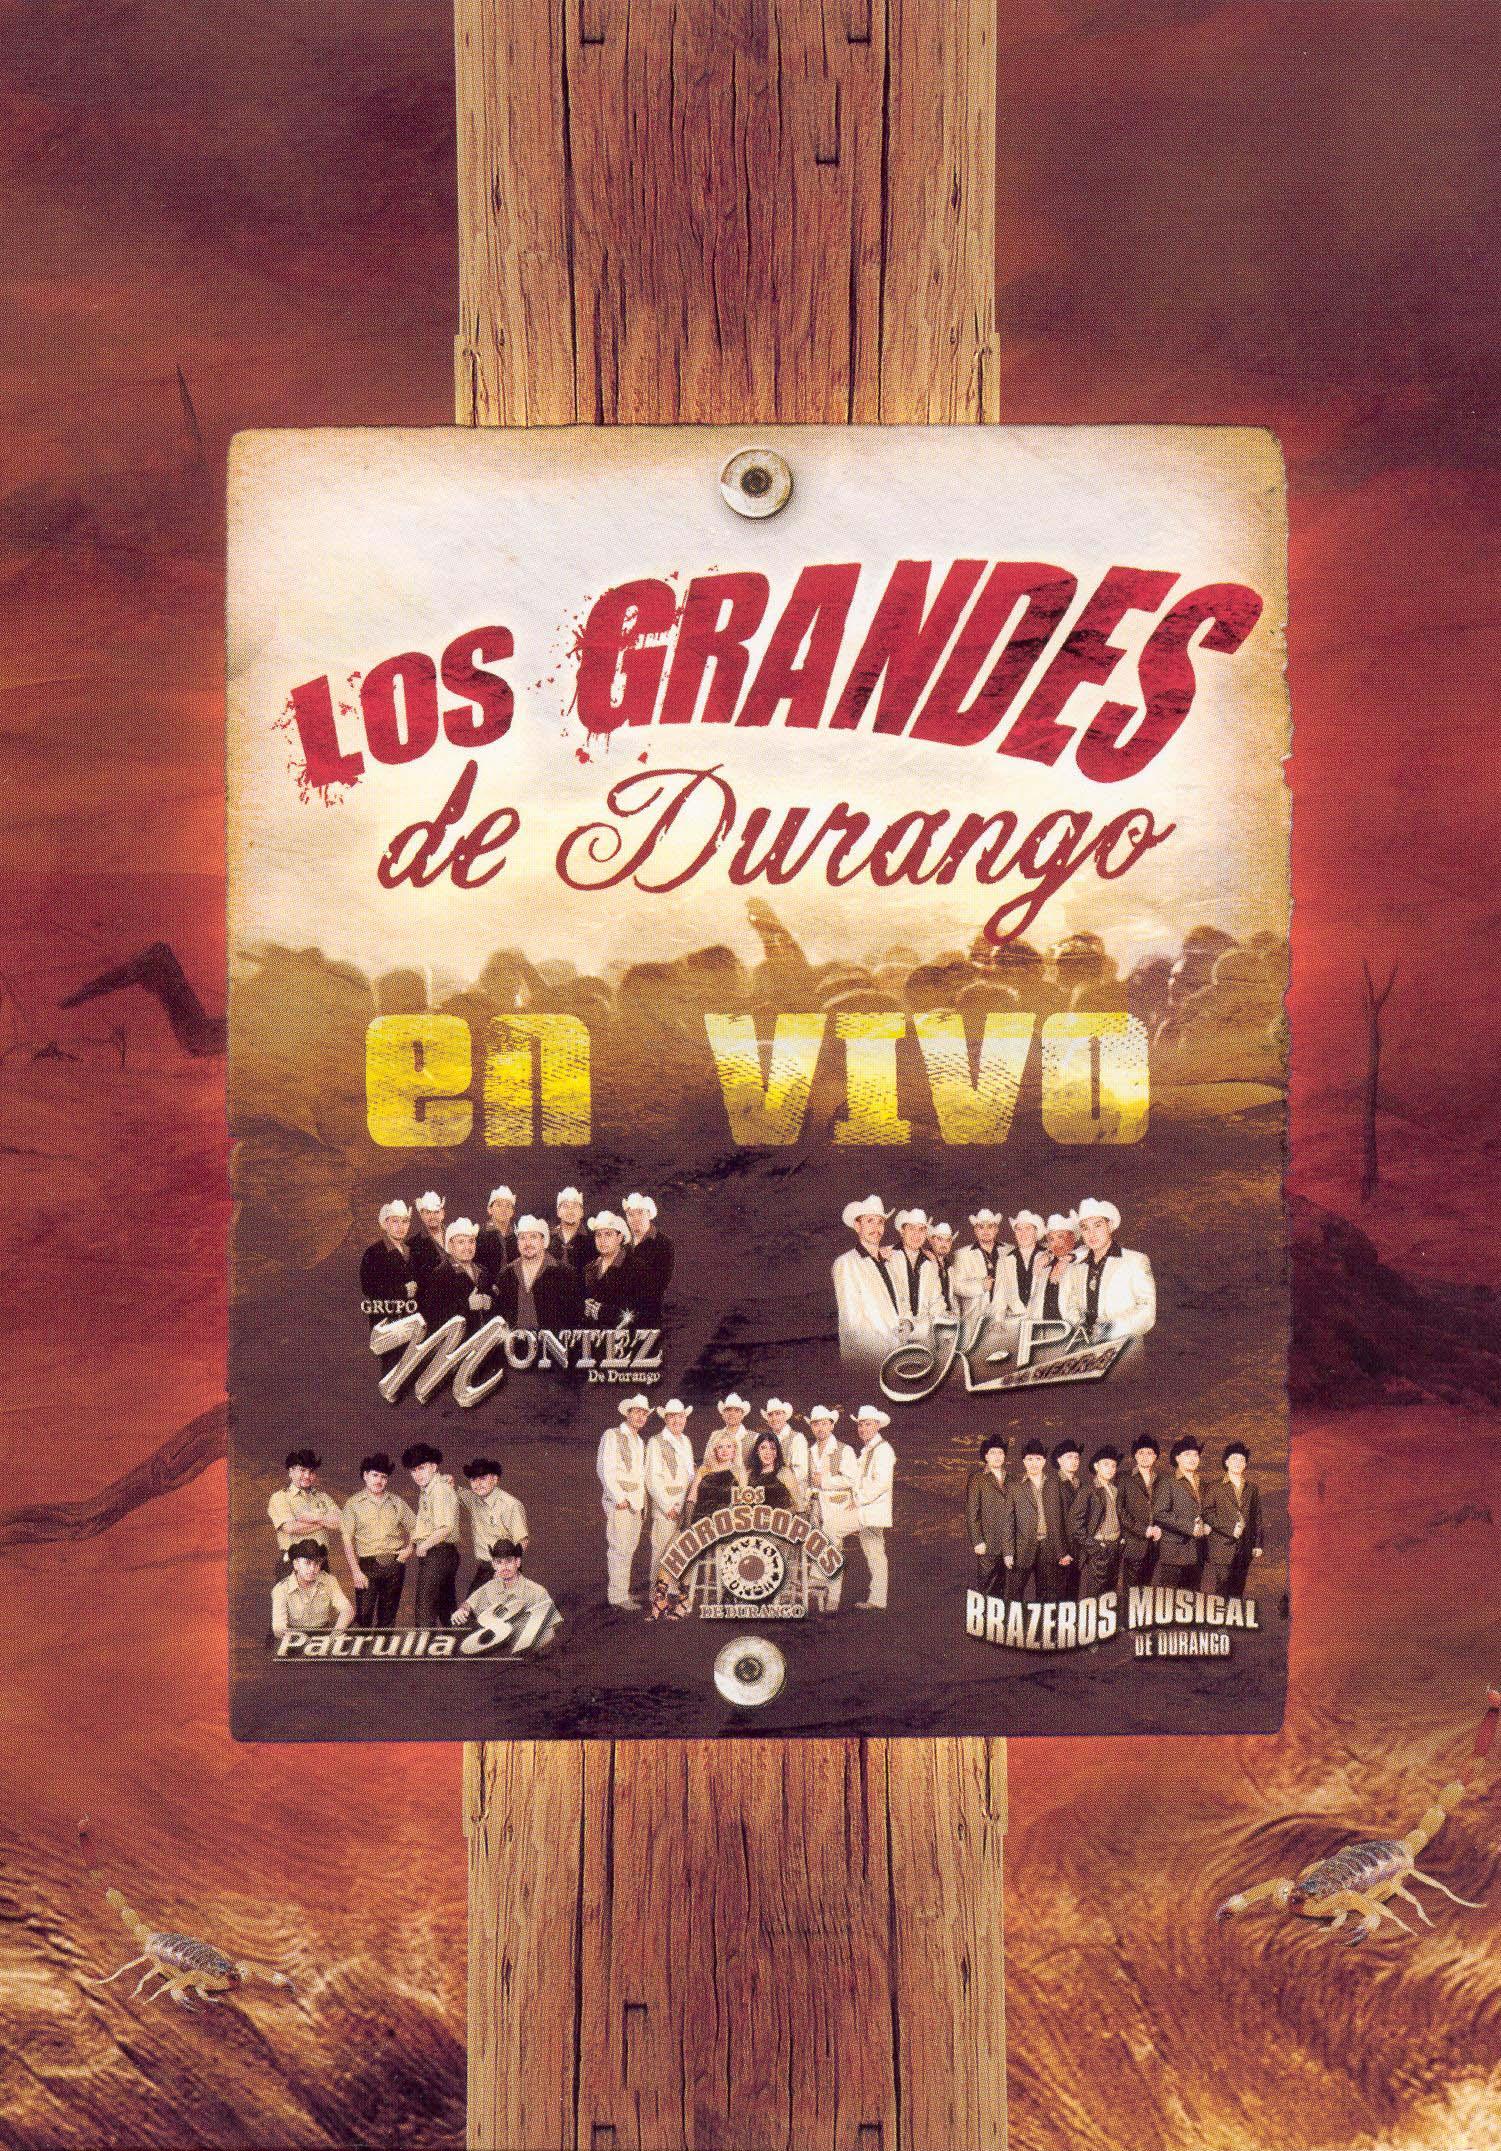 Los Grandes de Durango en Vivo